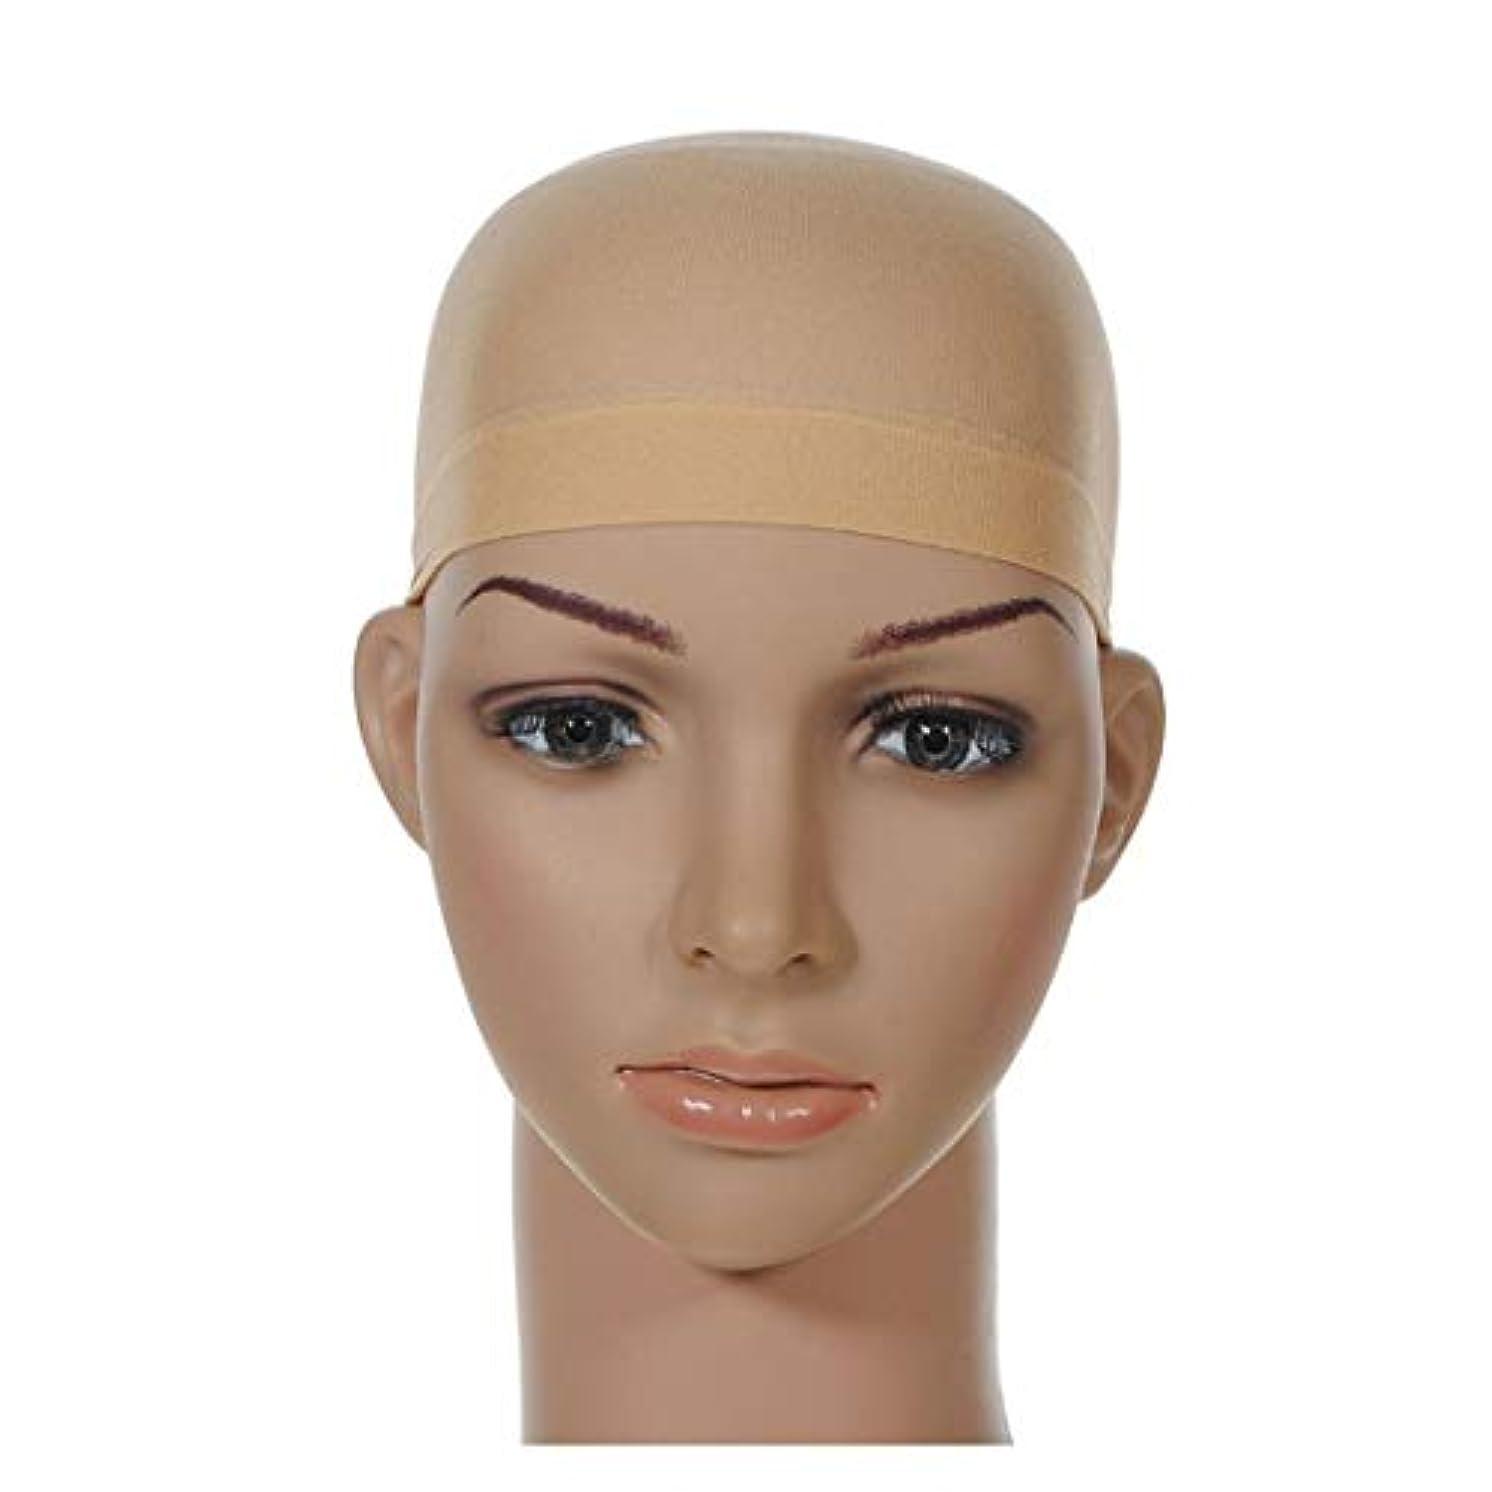 告発者改修する魅力女性のための新しい高弾性ストッキングウィッグキャップメッシュナチュラルヌード&ブラックウィッグキャップ ヘアケア (色 : B-flesh)